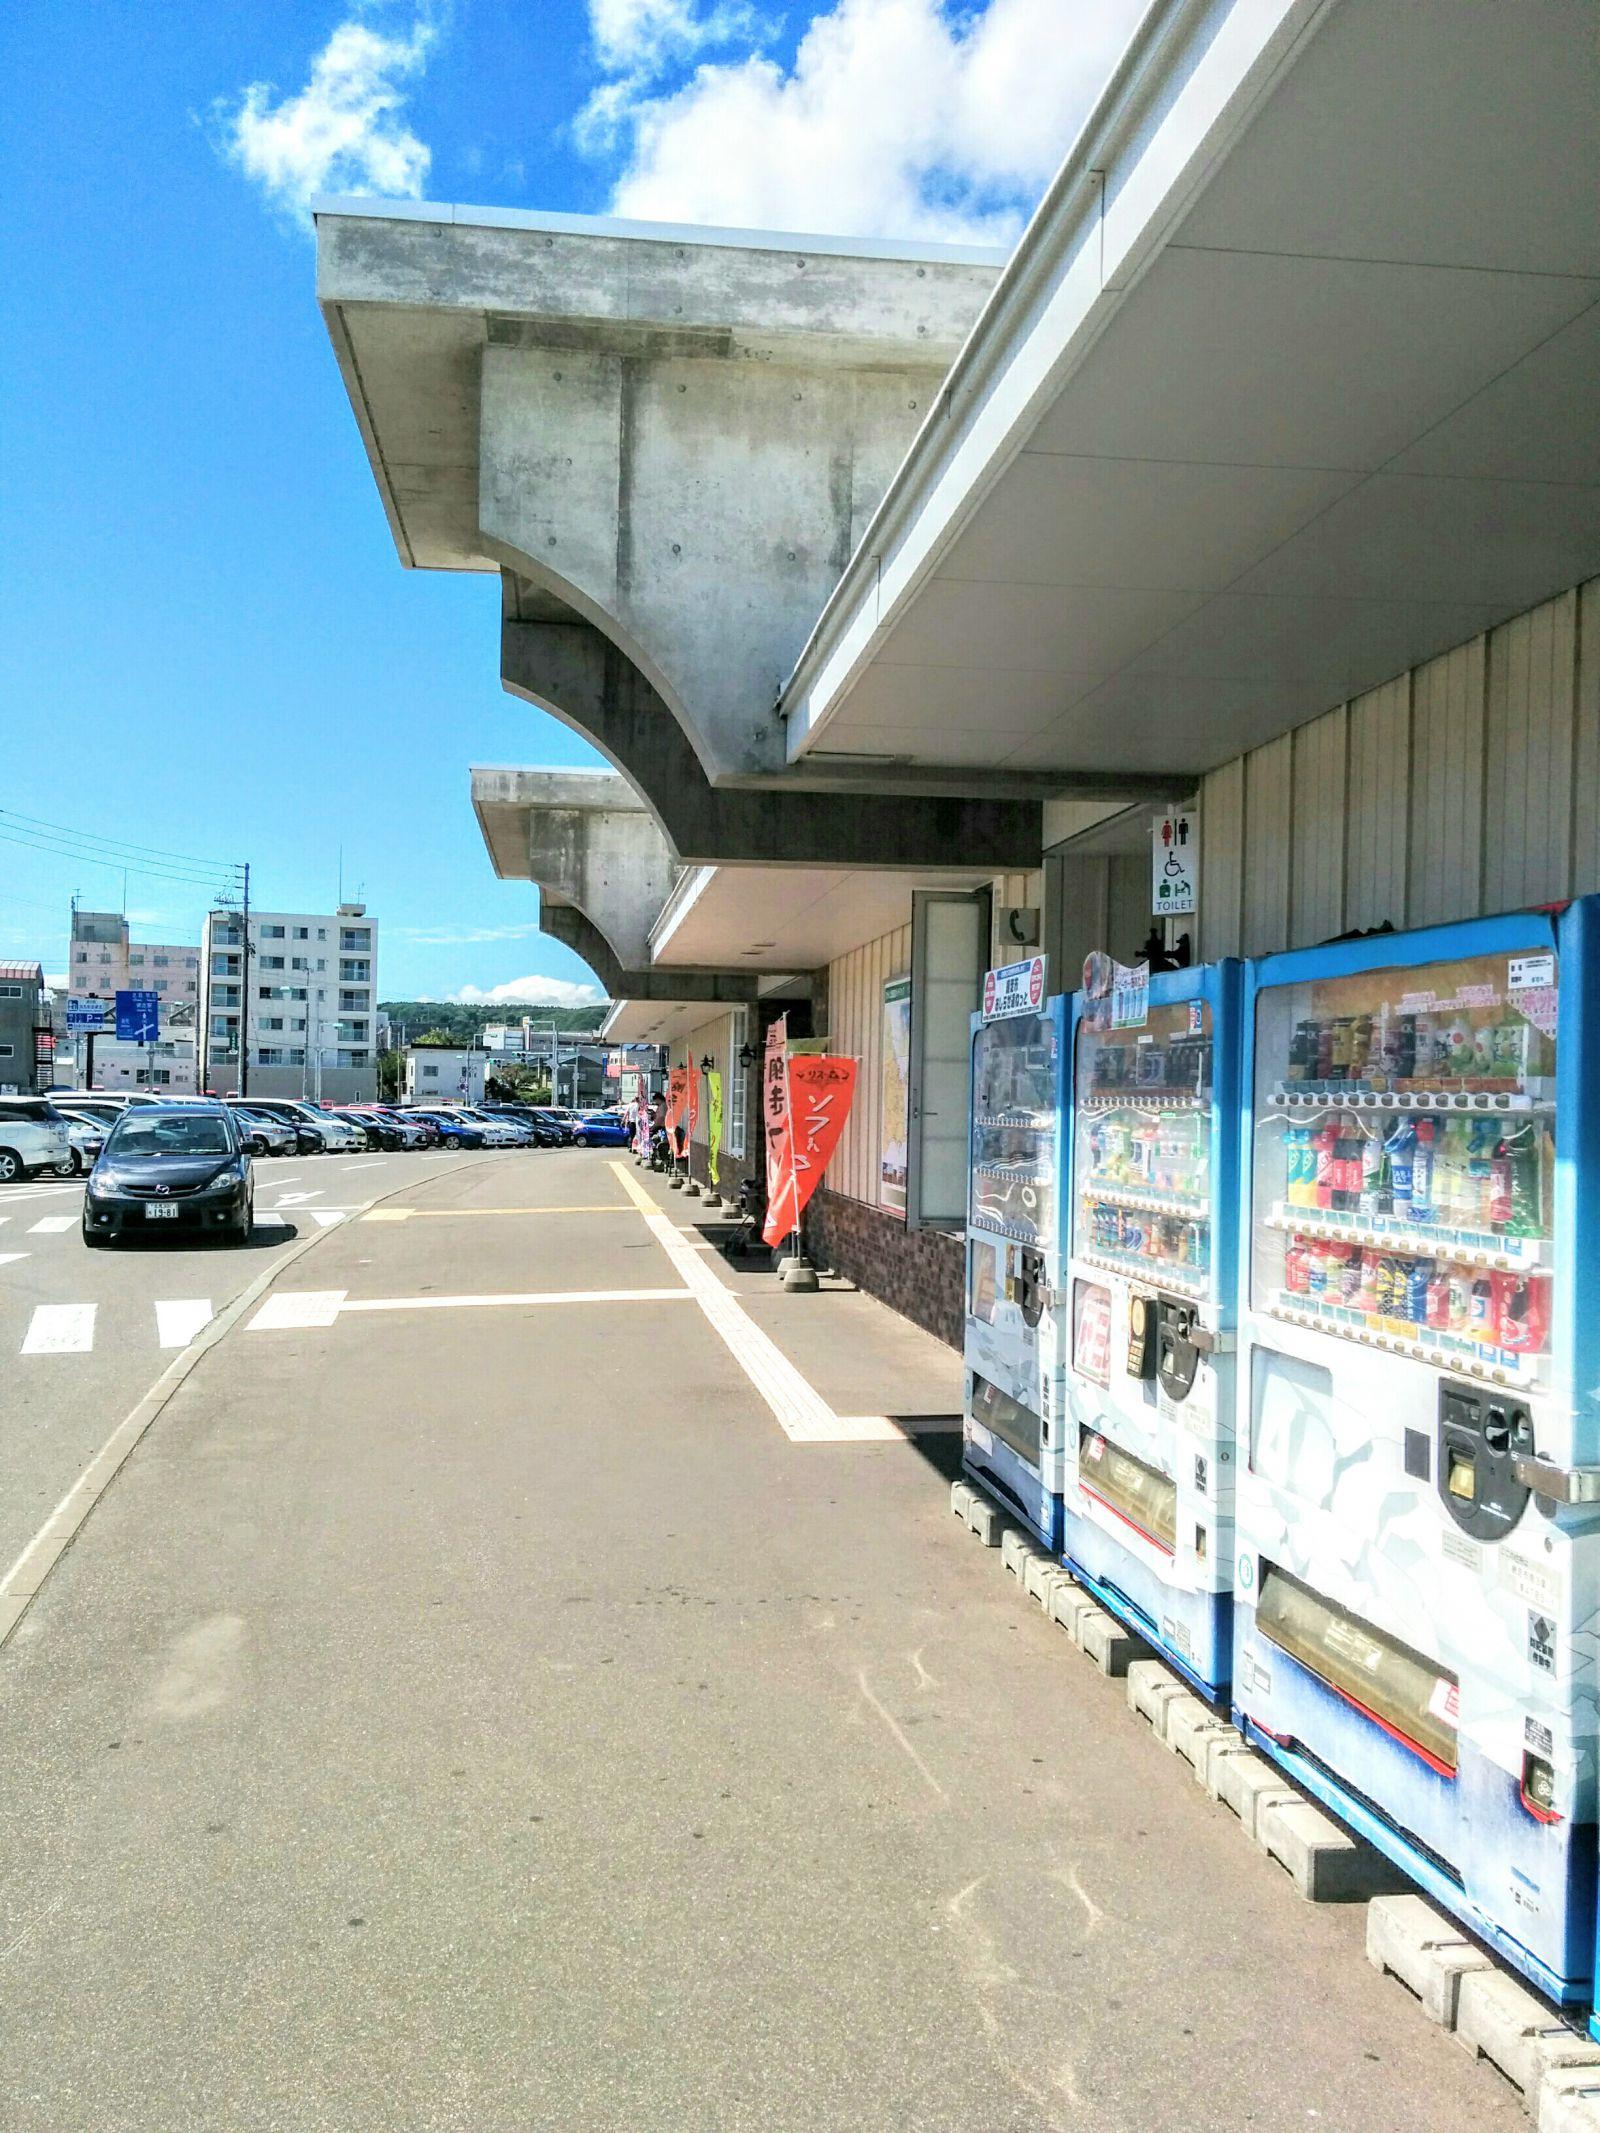 【網走市】道の駅・流氷街道網走観光案内です。